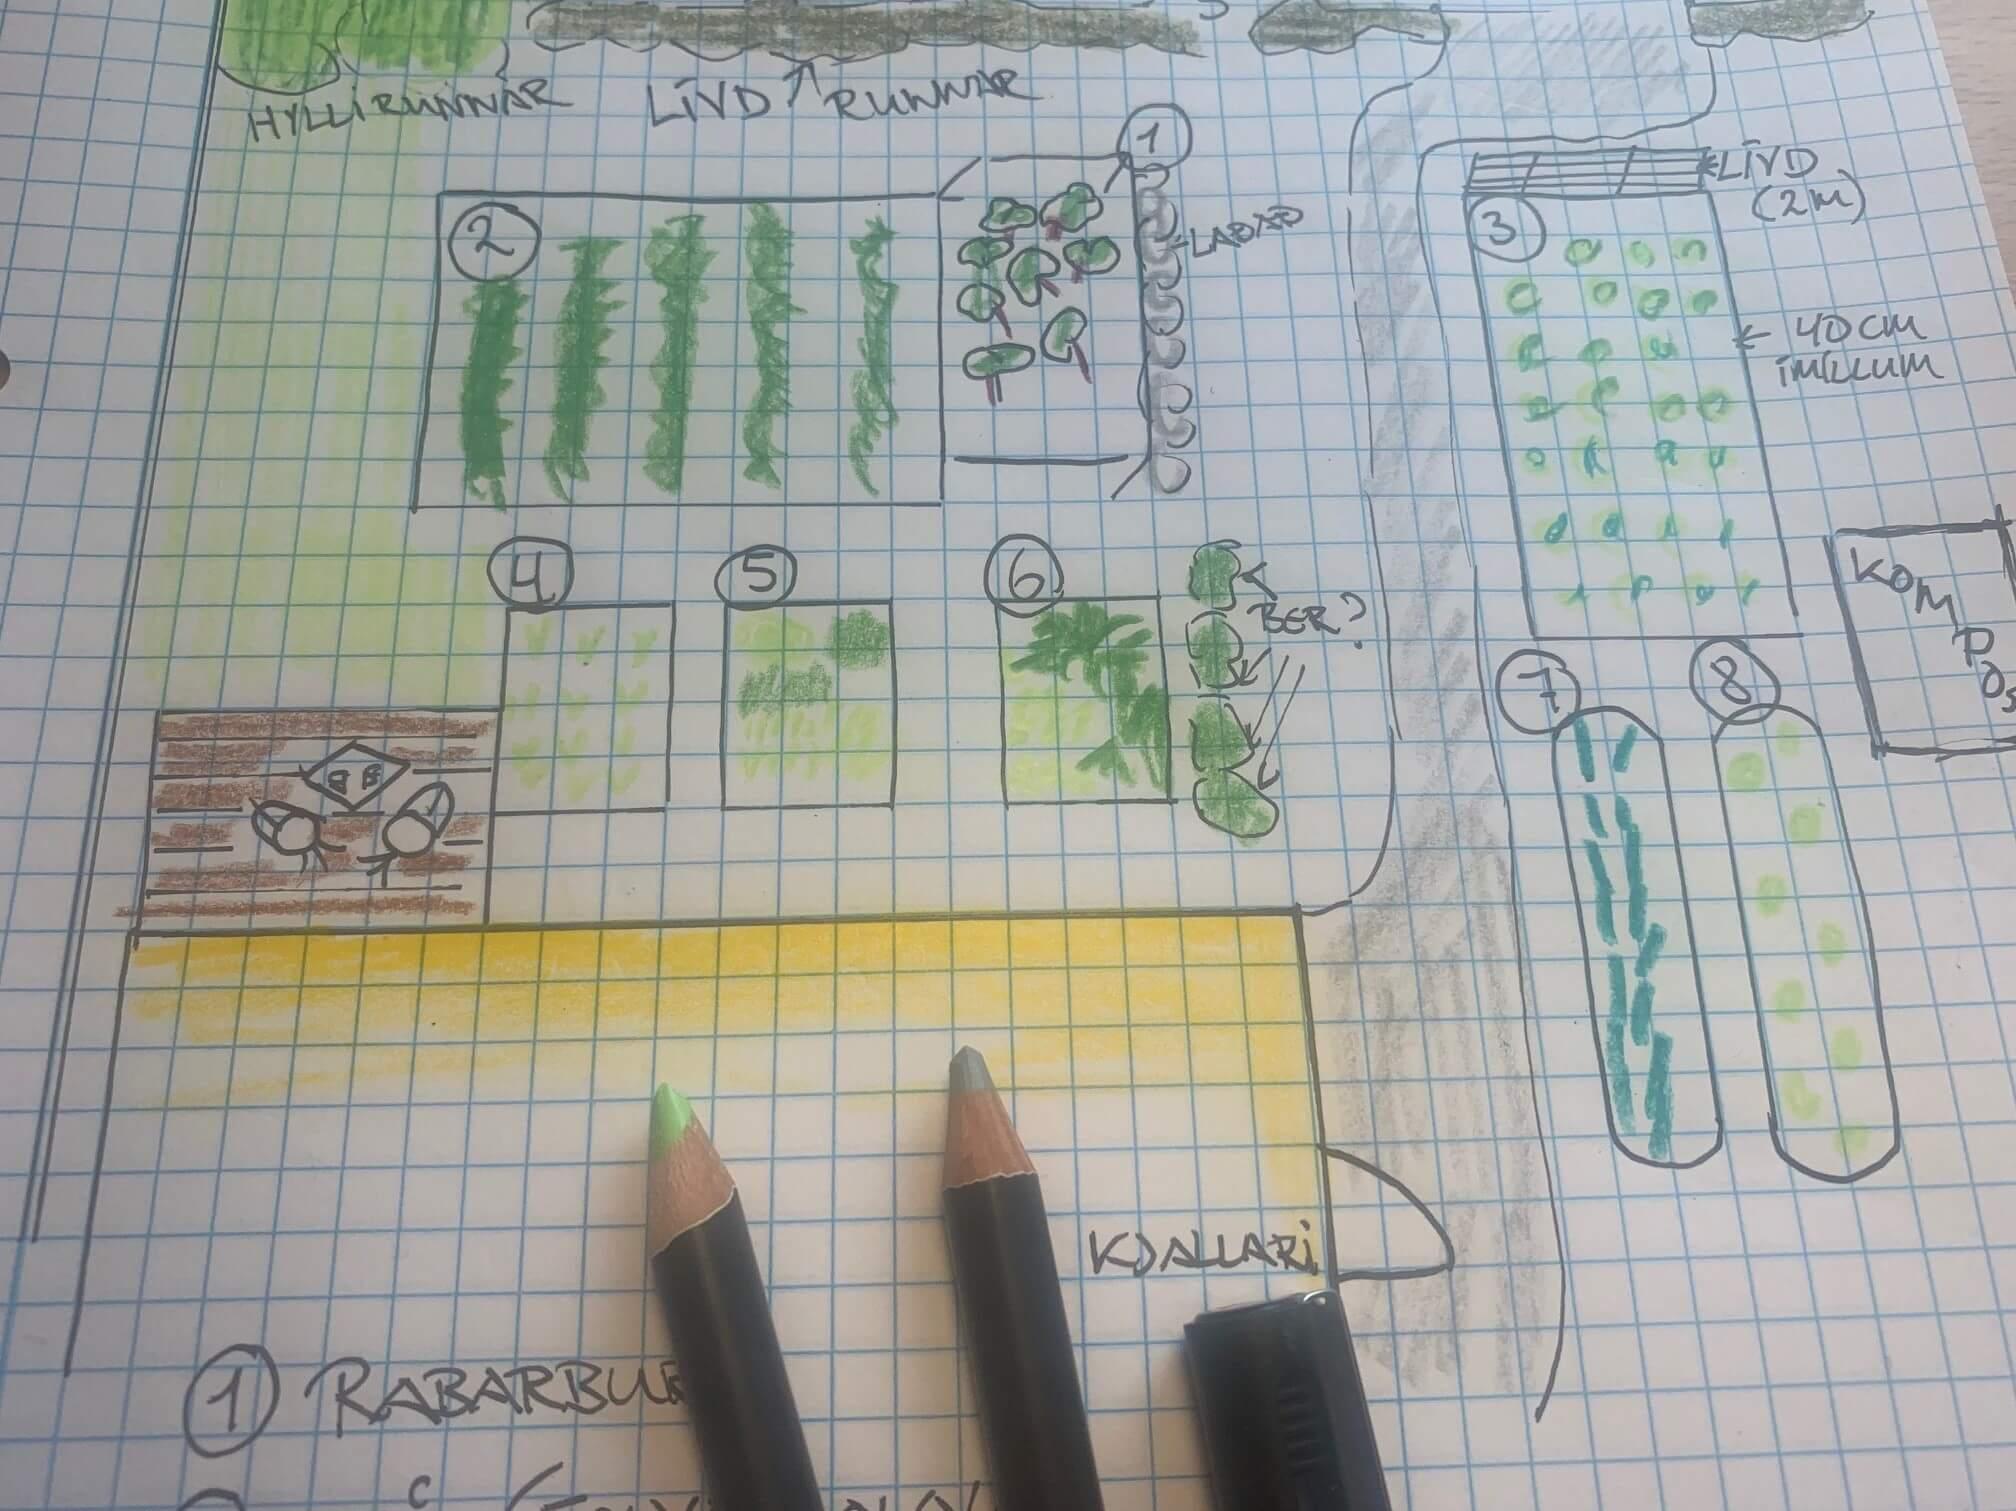 Veltiskeið: Legg grønmetisveltuna til rættis